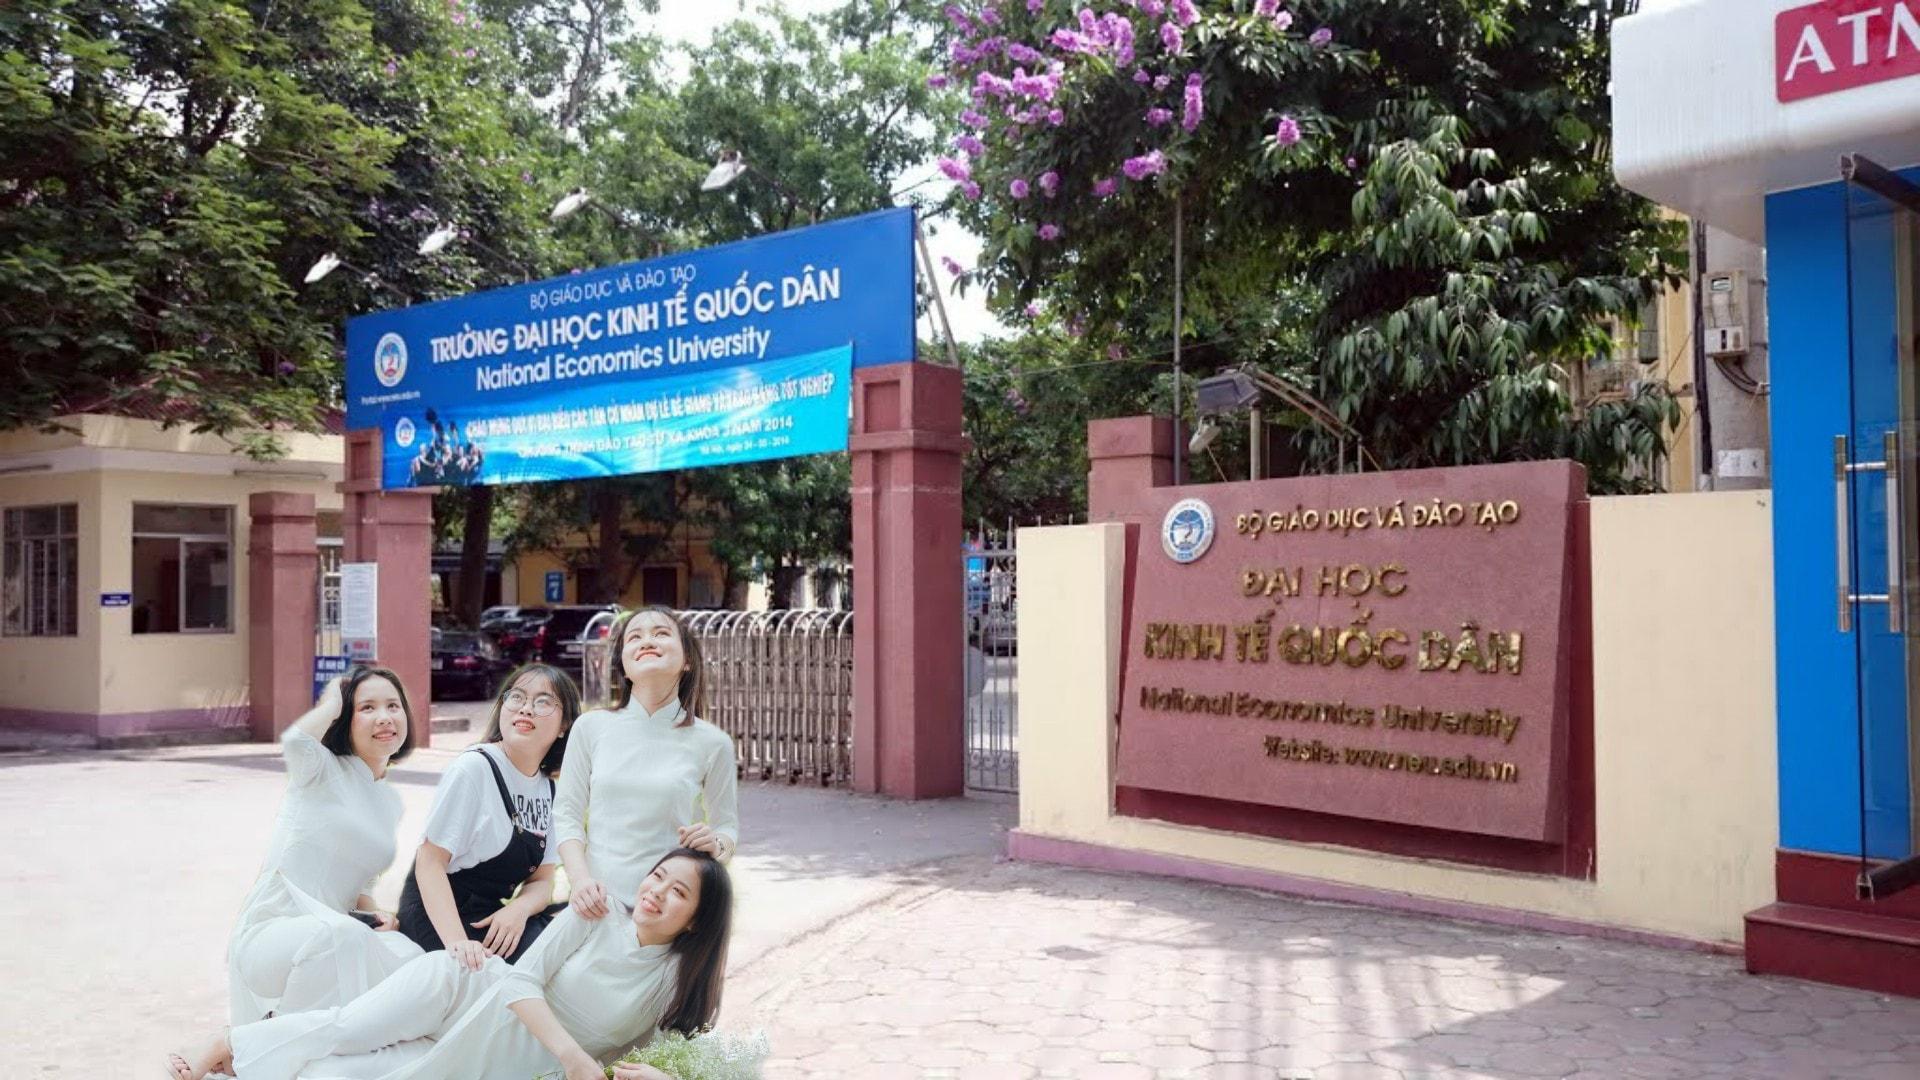 4 nữ sinh xinh đẹp cùng đỗ vào 7 trường đại học cực khủng ở Hà Nội, ai cũng phải choáng cho đến khi phát hiện ra một điều lạ - Ảnh 2.